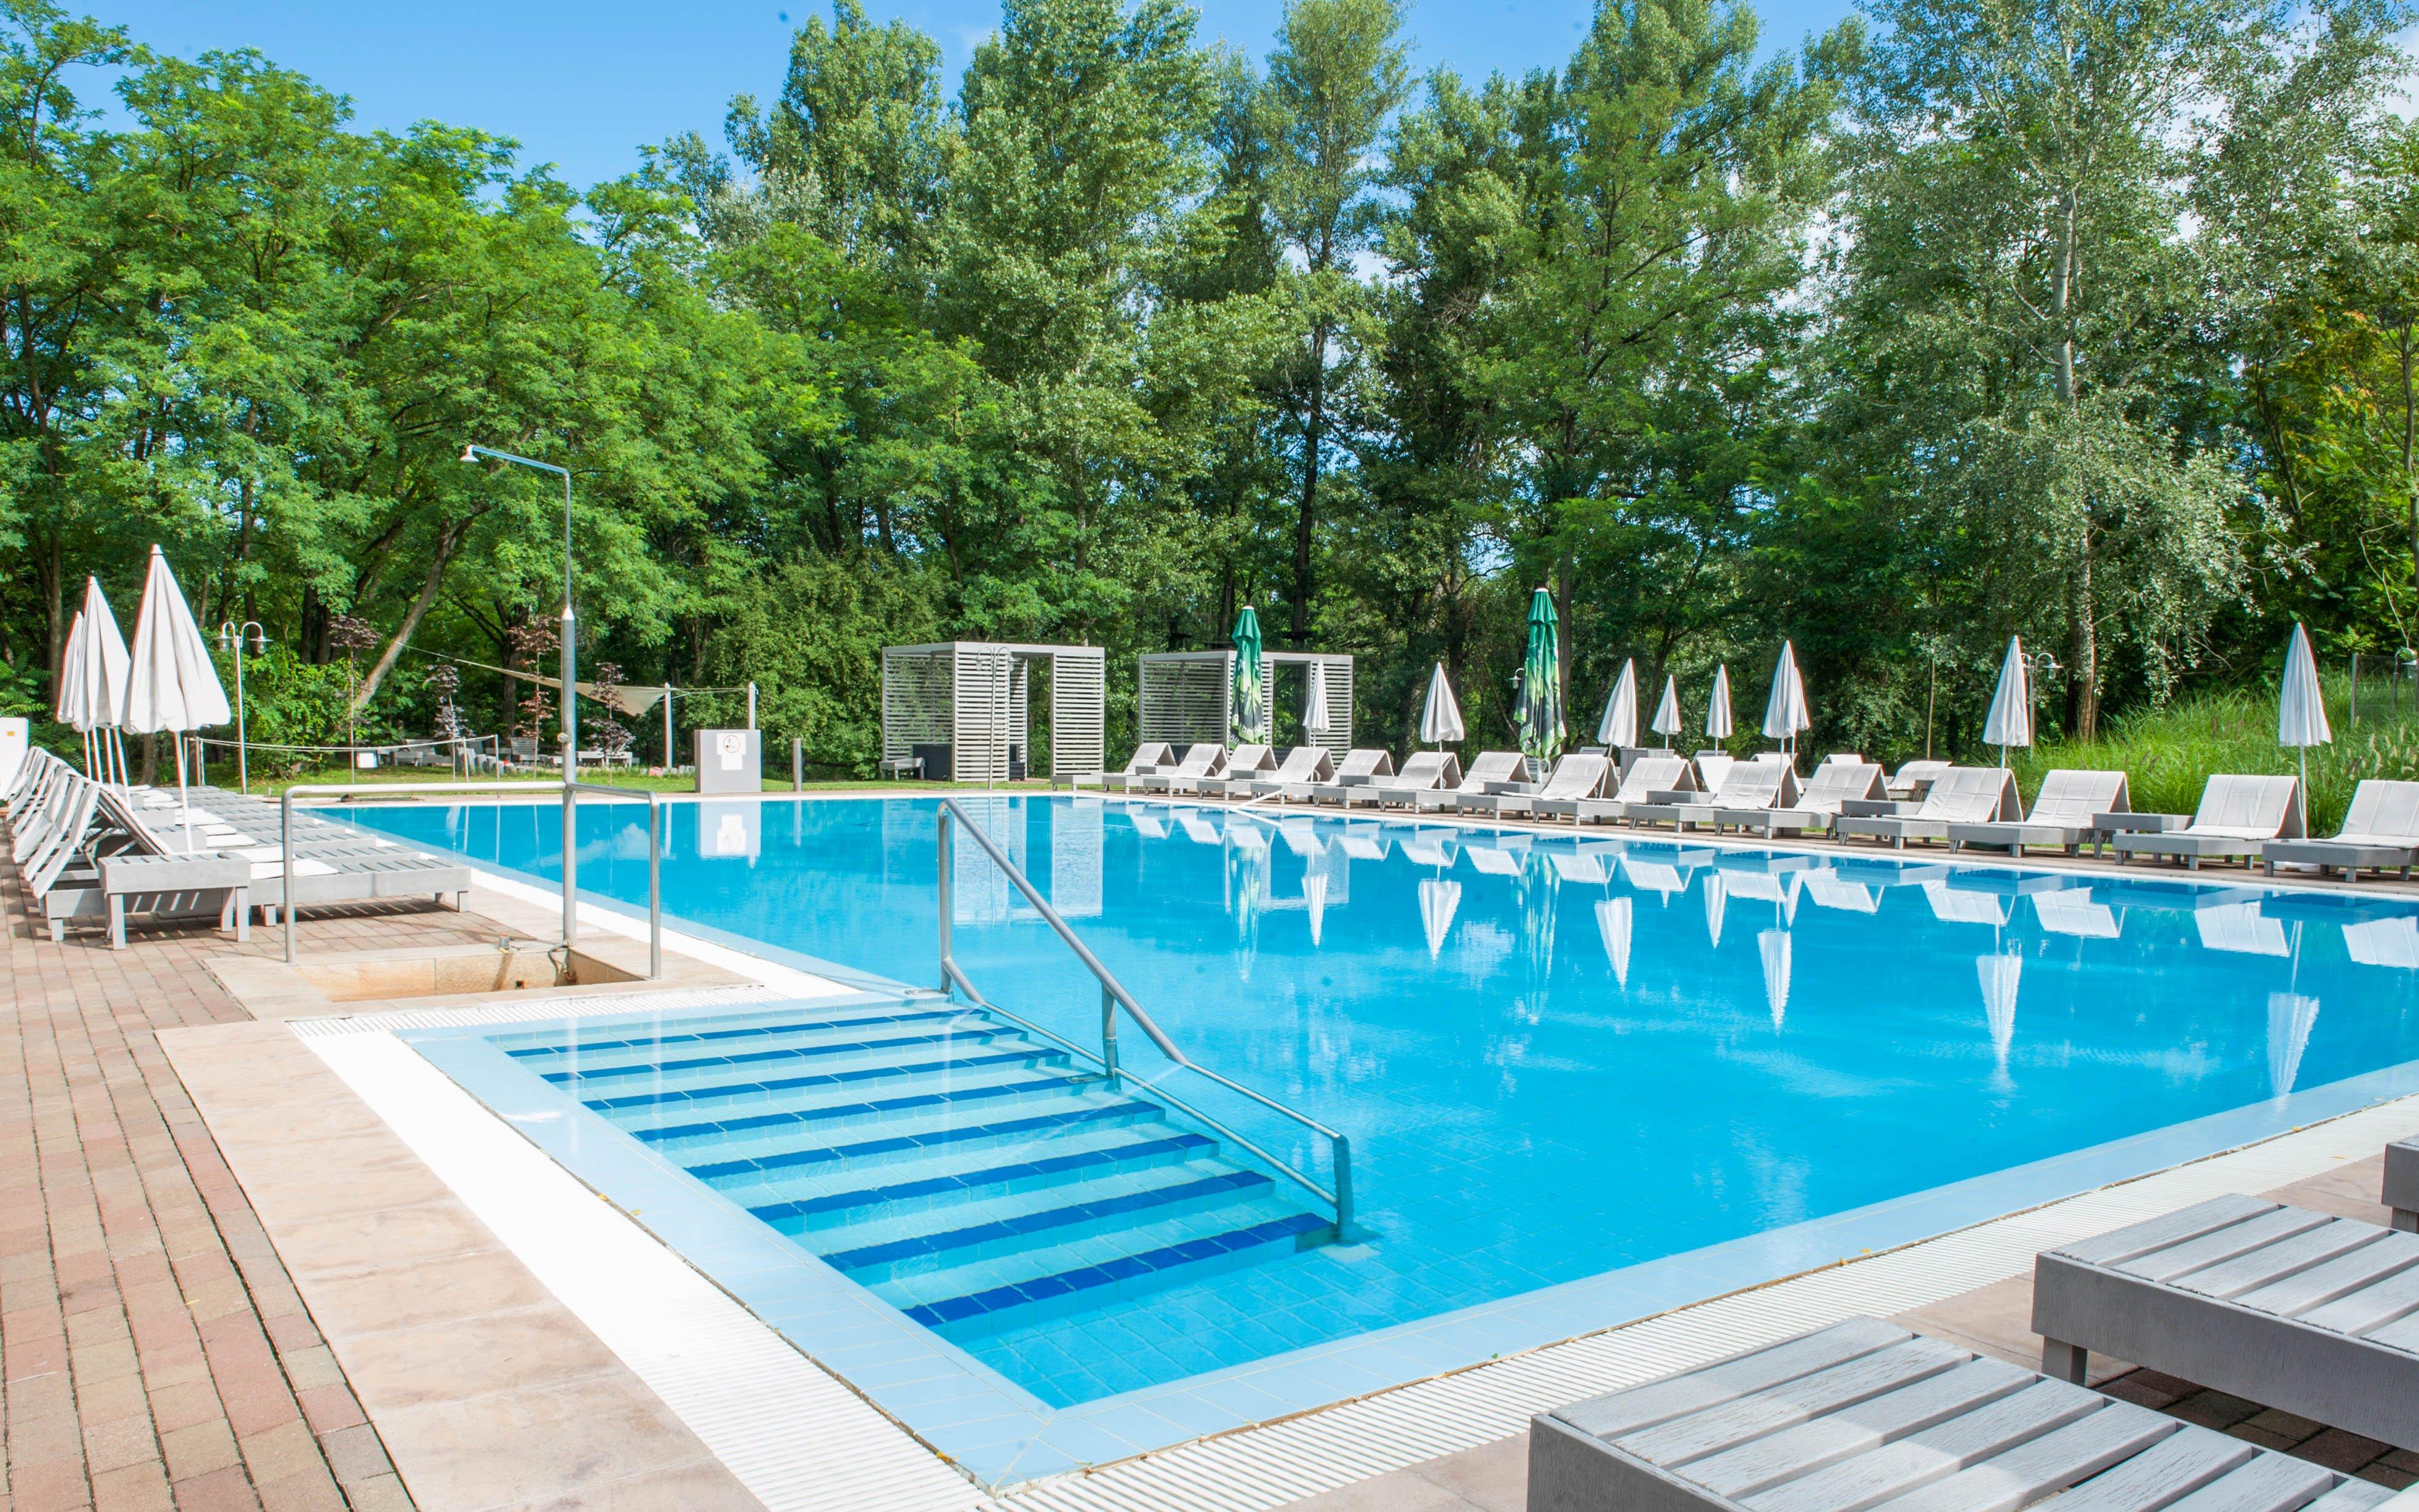 Maďarsko u národního parku Kiskunság ve Varga Tanya Hotelu ***superior s polopenzí, luxusním wellness + výhody